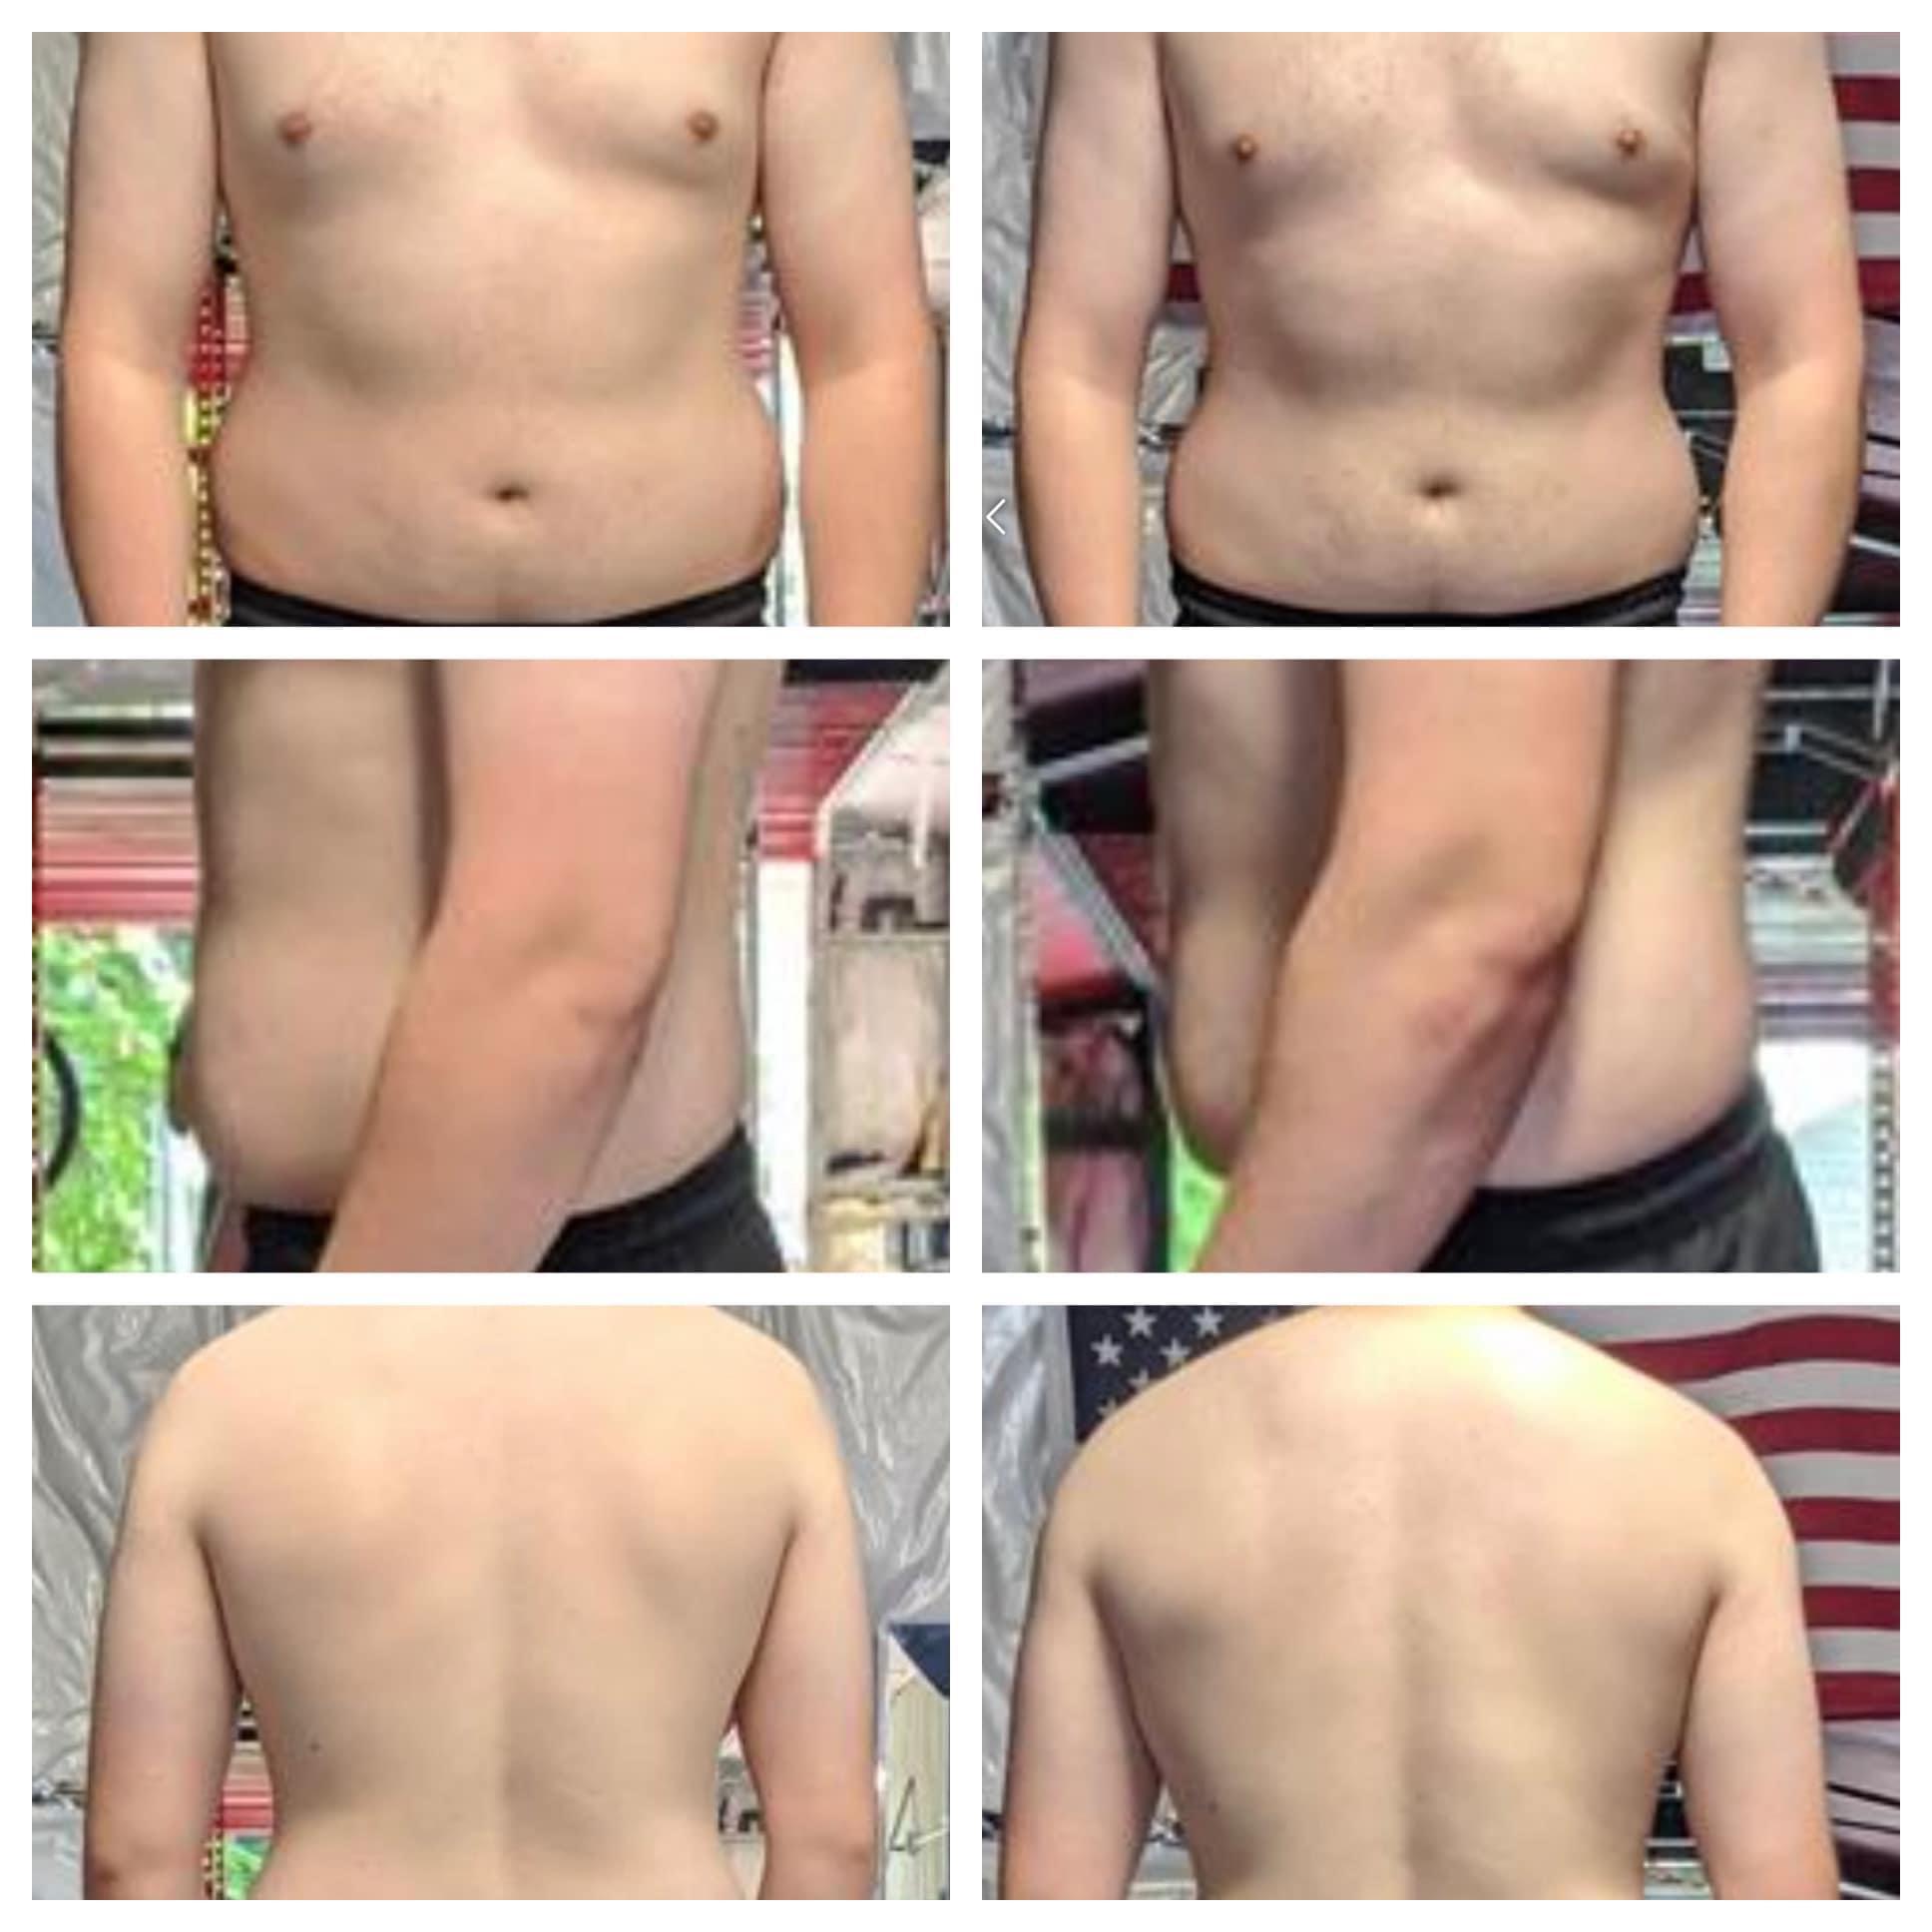 Progress Pics of 5 lbs Fat Loss 6 foot Male 200 lbs to 195 lbs